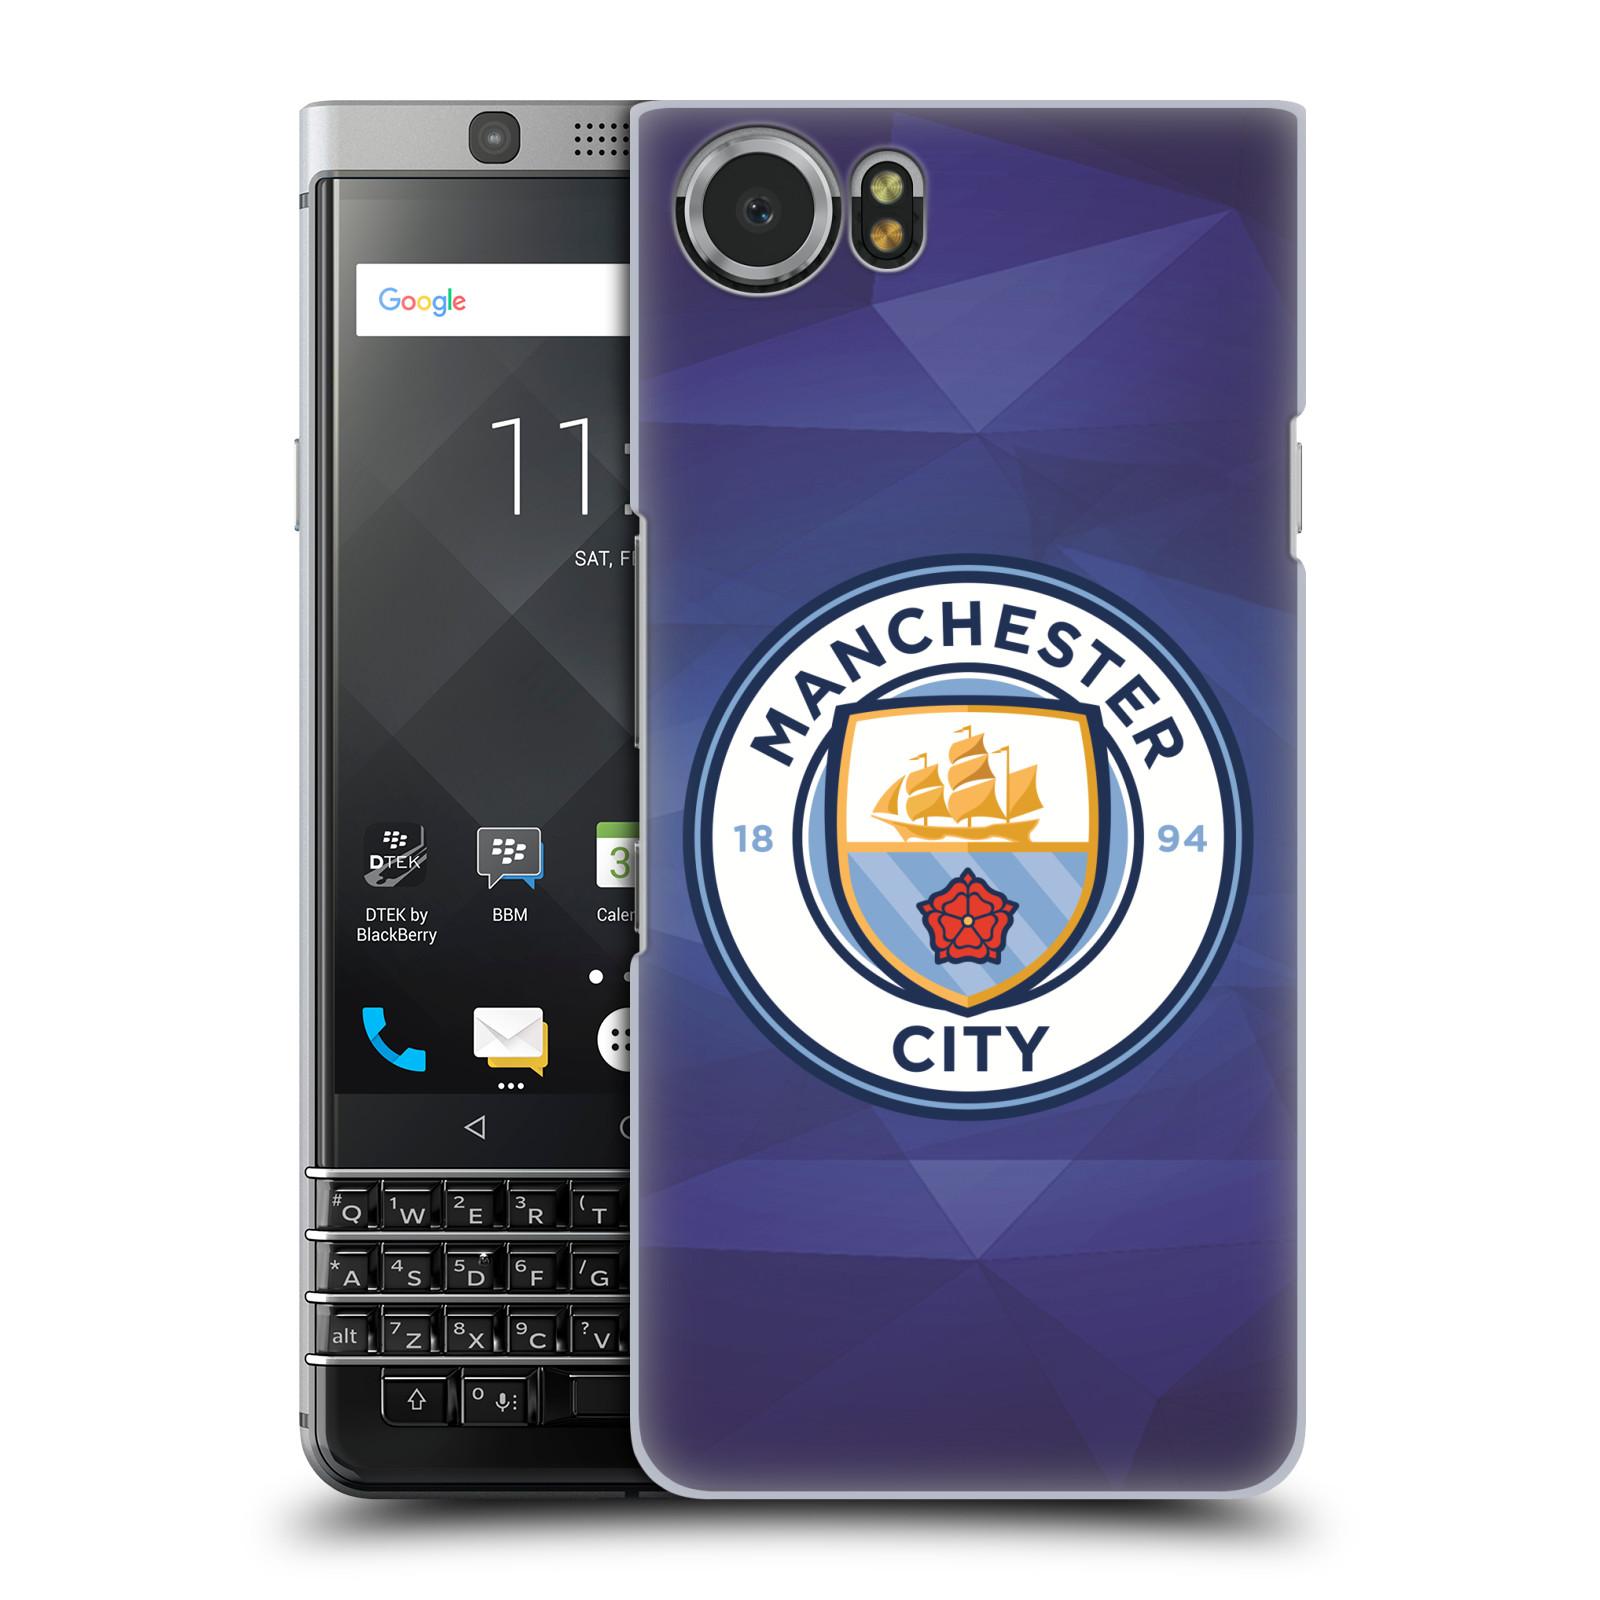 Plastové pouzdro na mobil BlackBerry KEYone - Head Case - Manchester City FC - Modré nové logo (Plastový kryt či obal na mobilní telefon BlackBerry KEYone s motivem Manchester City FC - Modré nové logo)